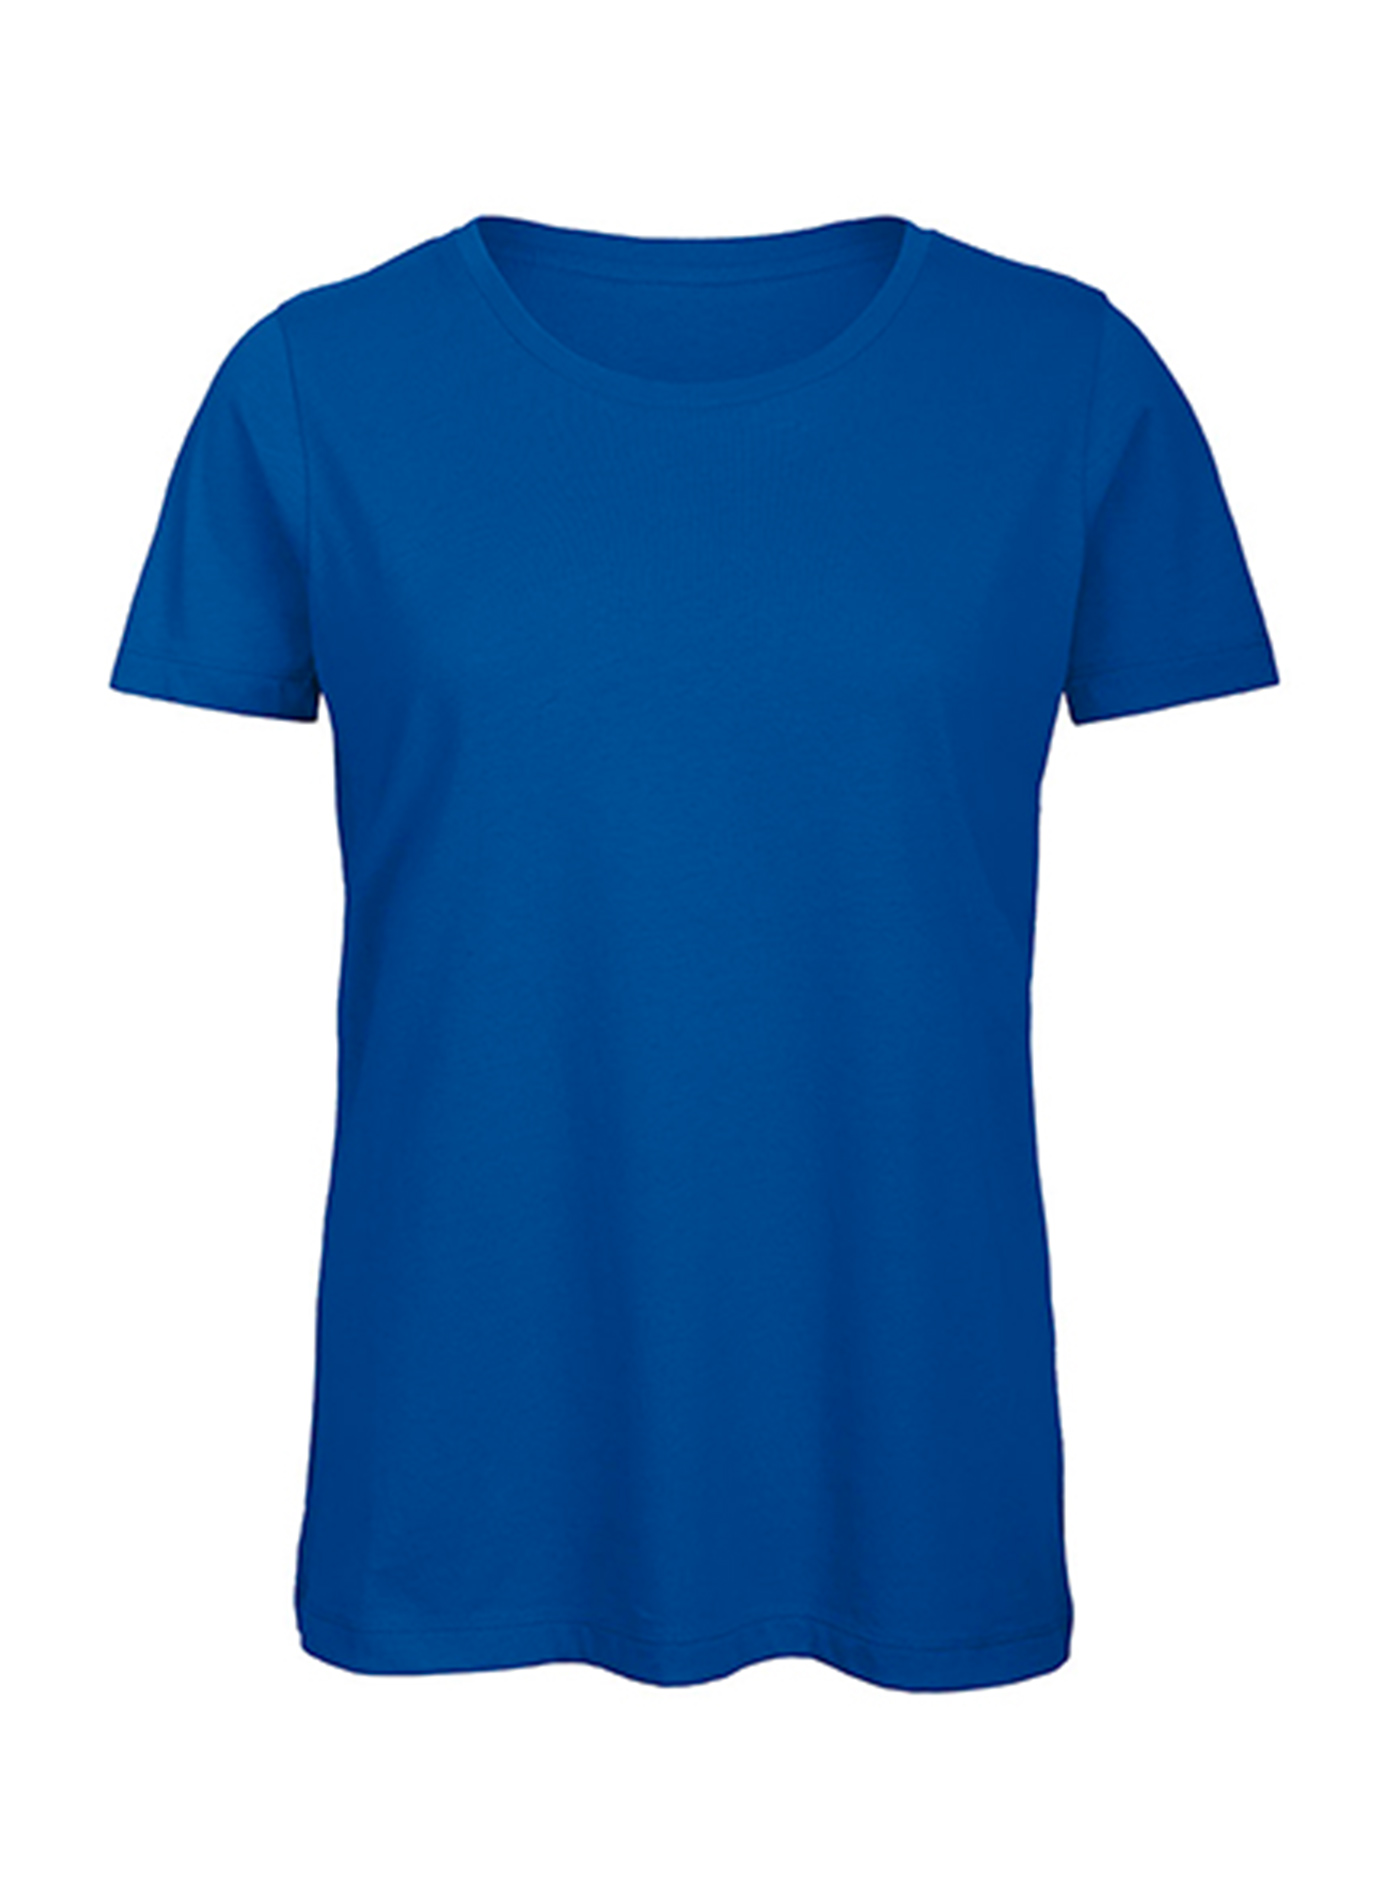 Dámské tričko Inspire - královská modrá XXL